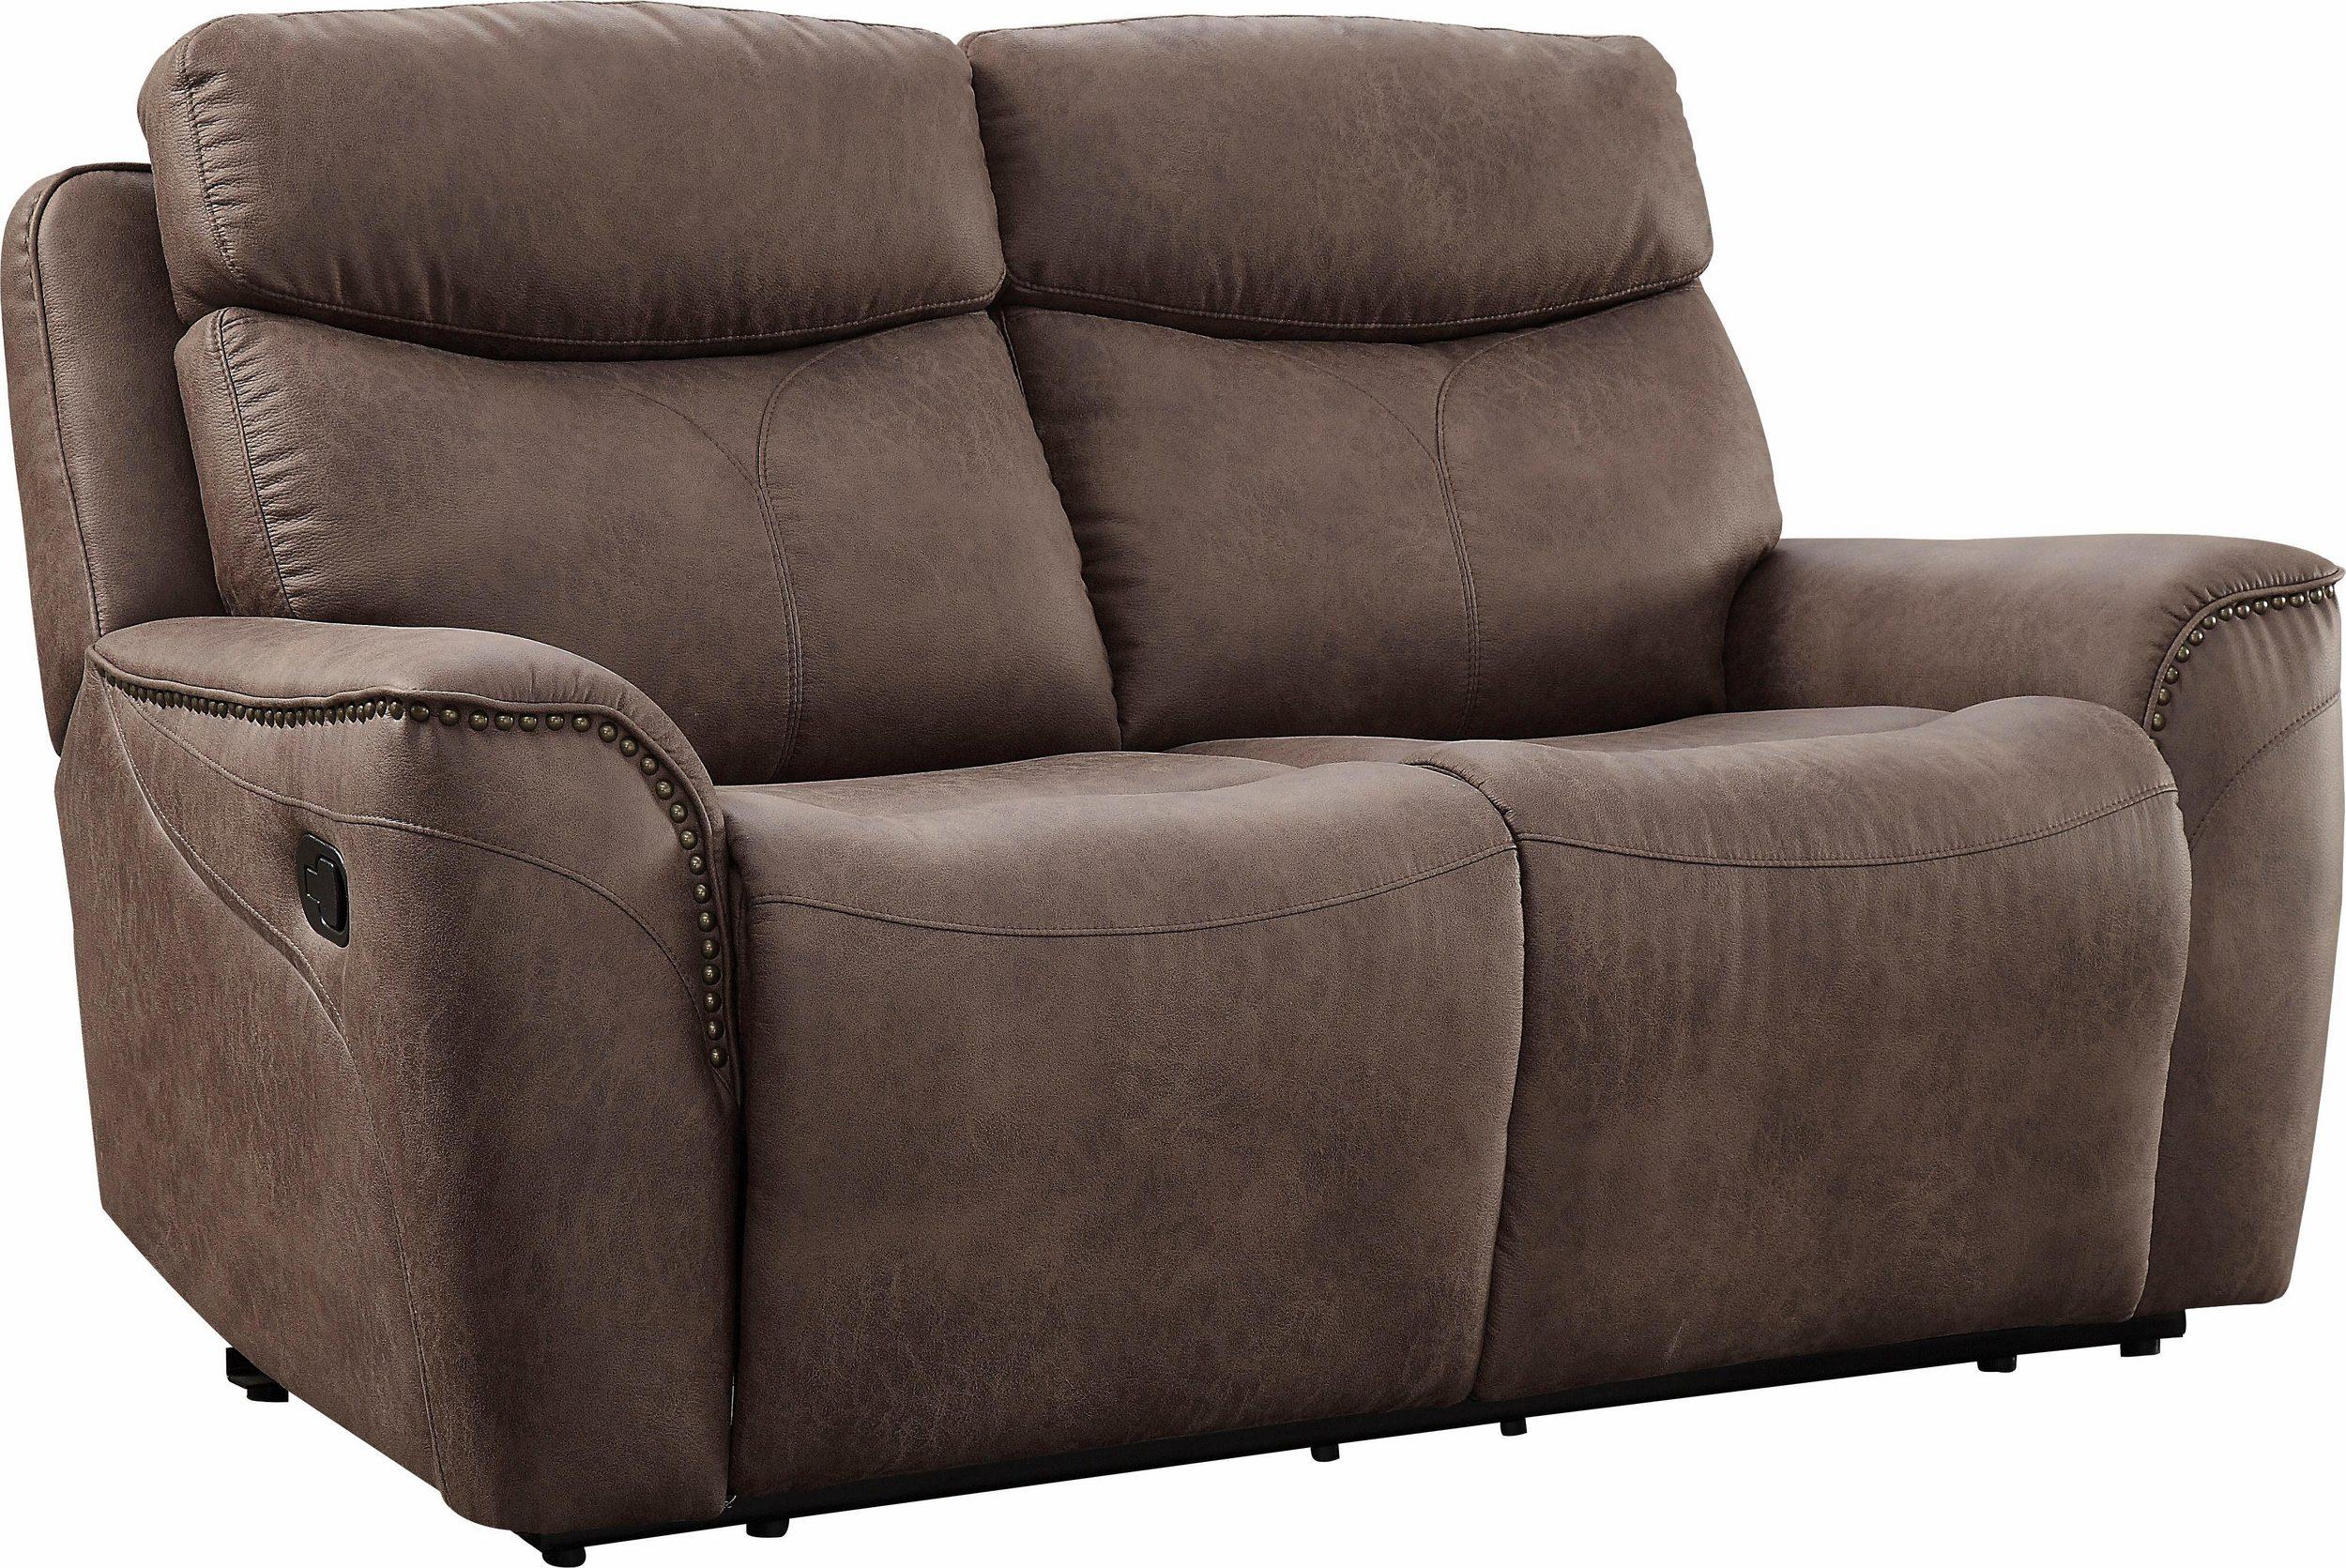 2-Sitzer Sofa pius